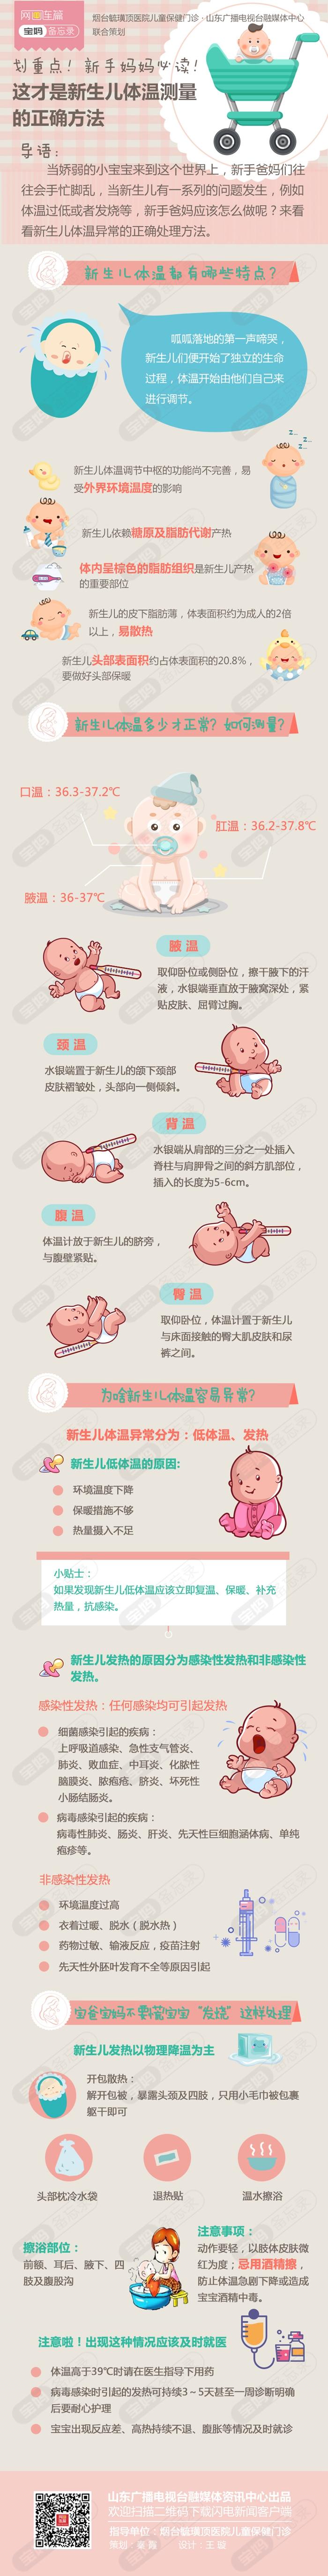 婴儿体温0328_副本